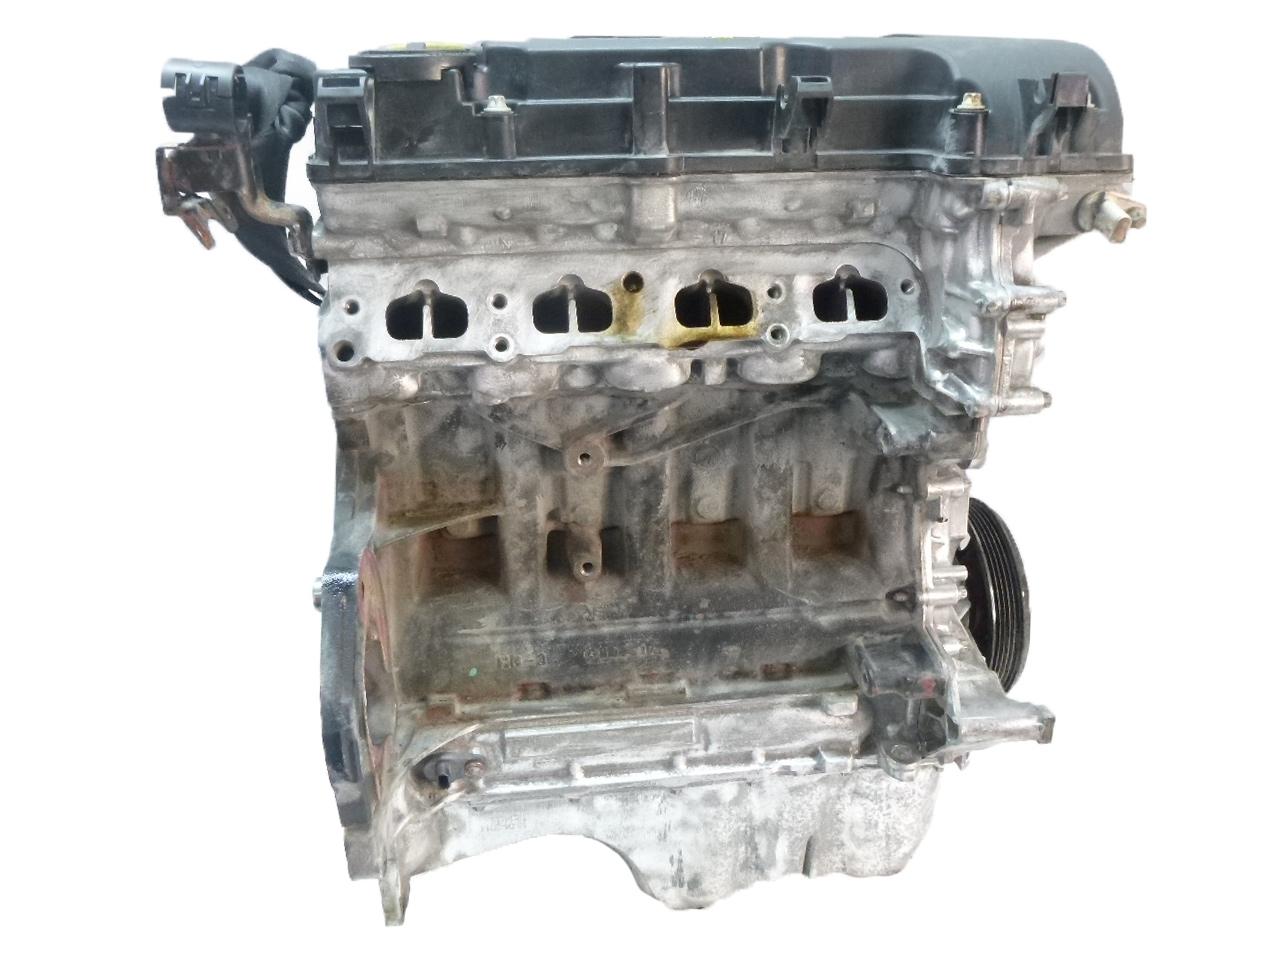 Motor Opel Chevrolet Corsa D Aveo 1,2 Benzin A12XER DE313261